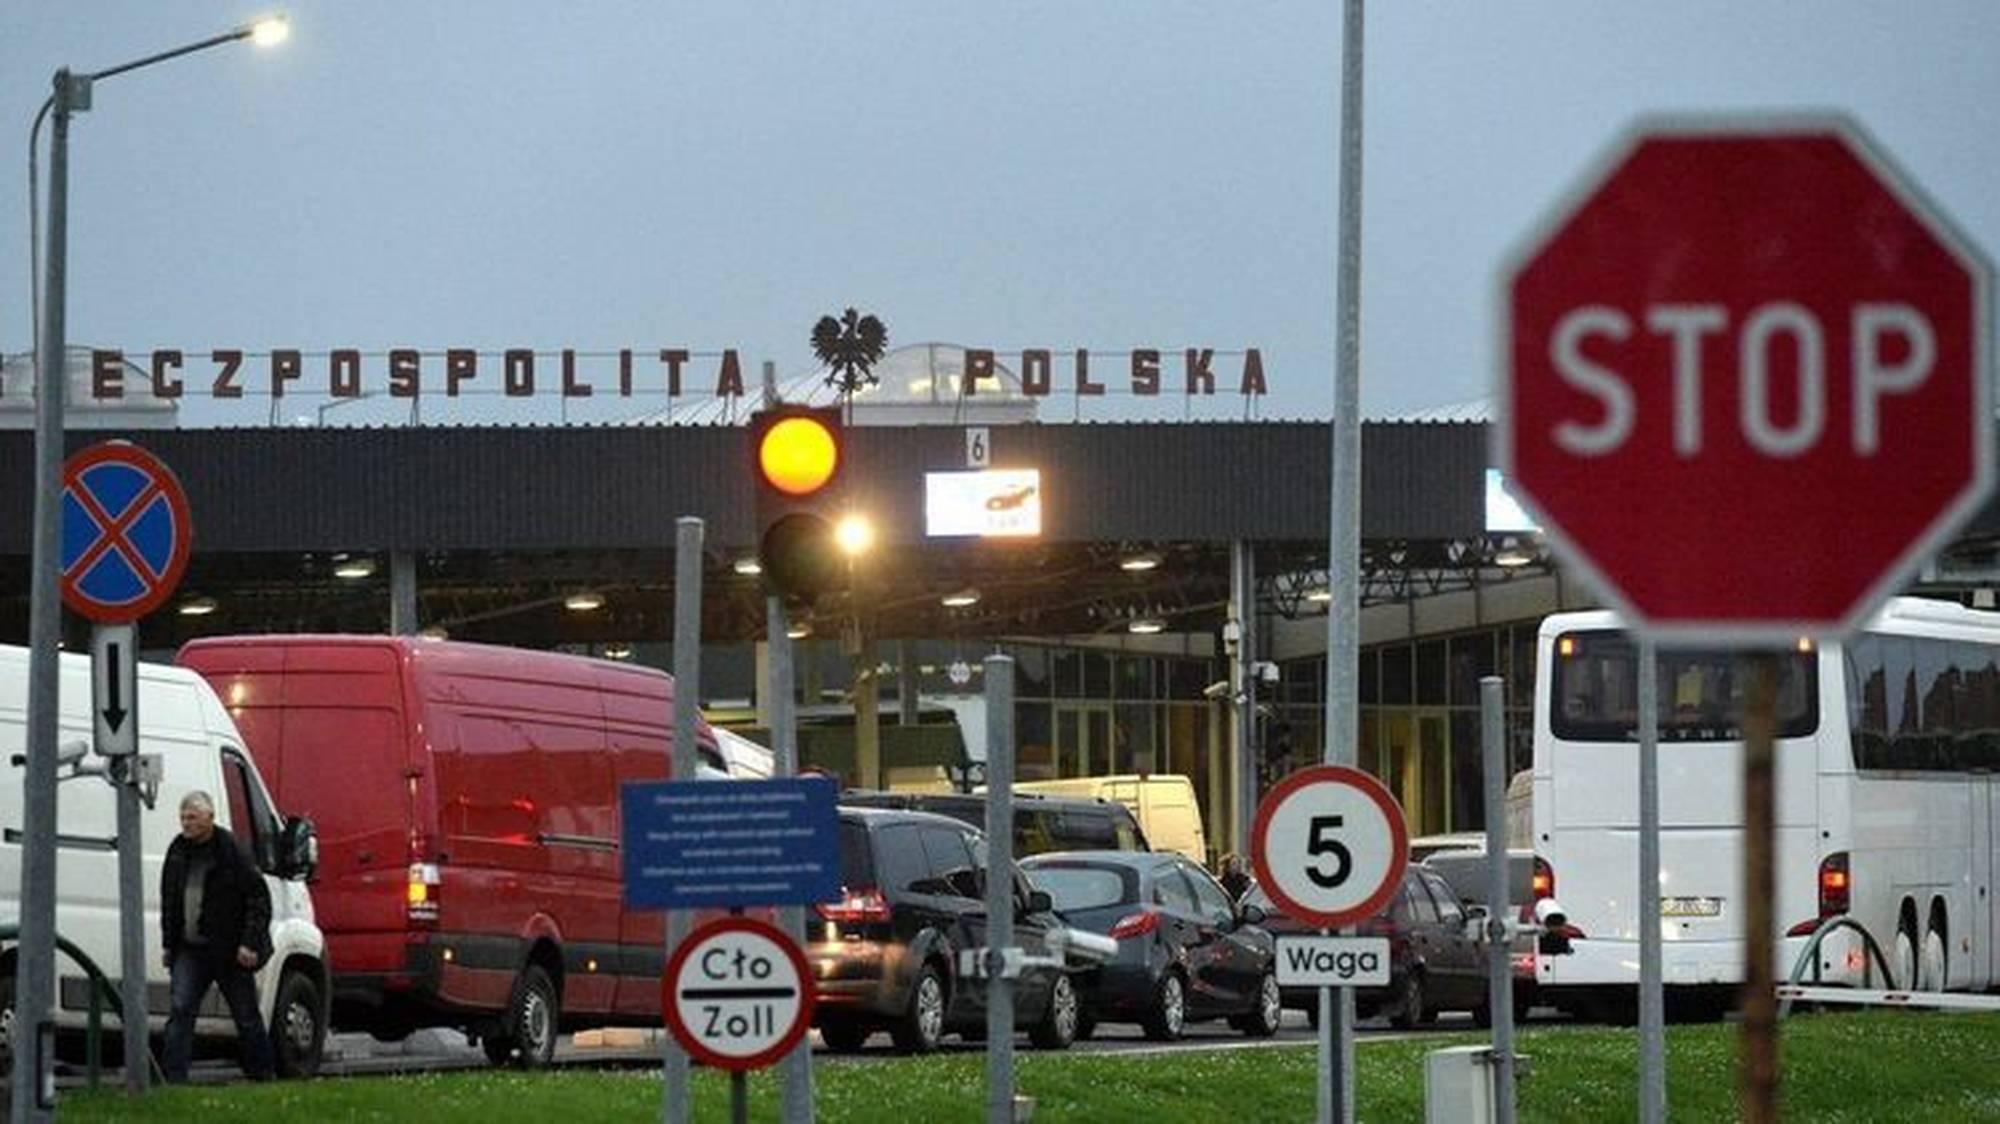 Пункты пропуска на границе Польши (Евросоюза) и стран СНГ.